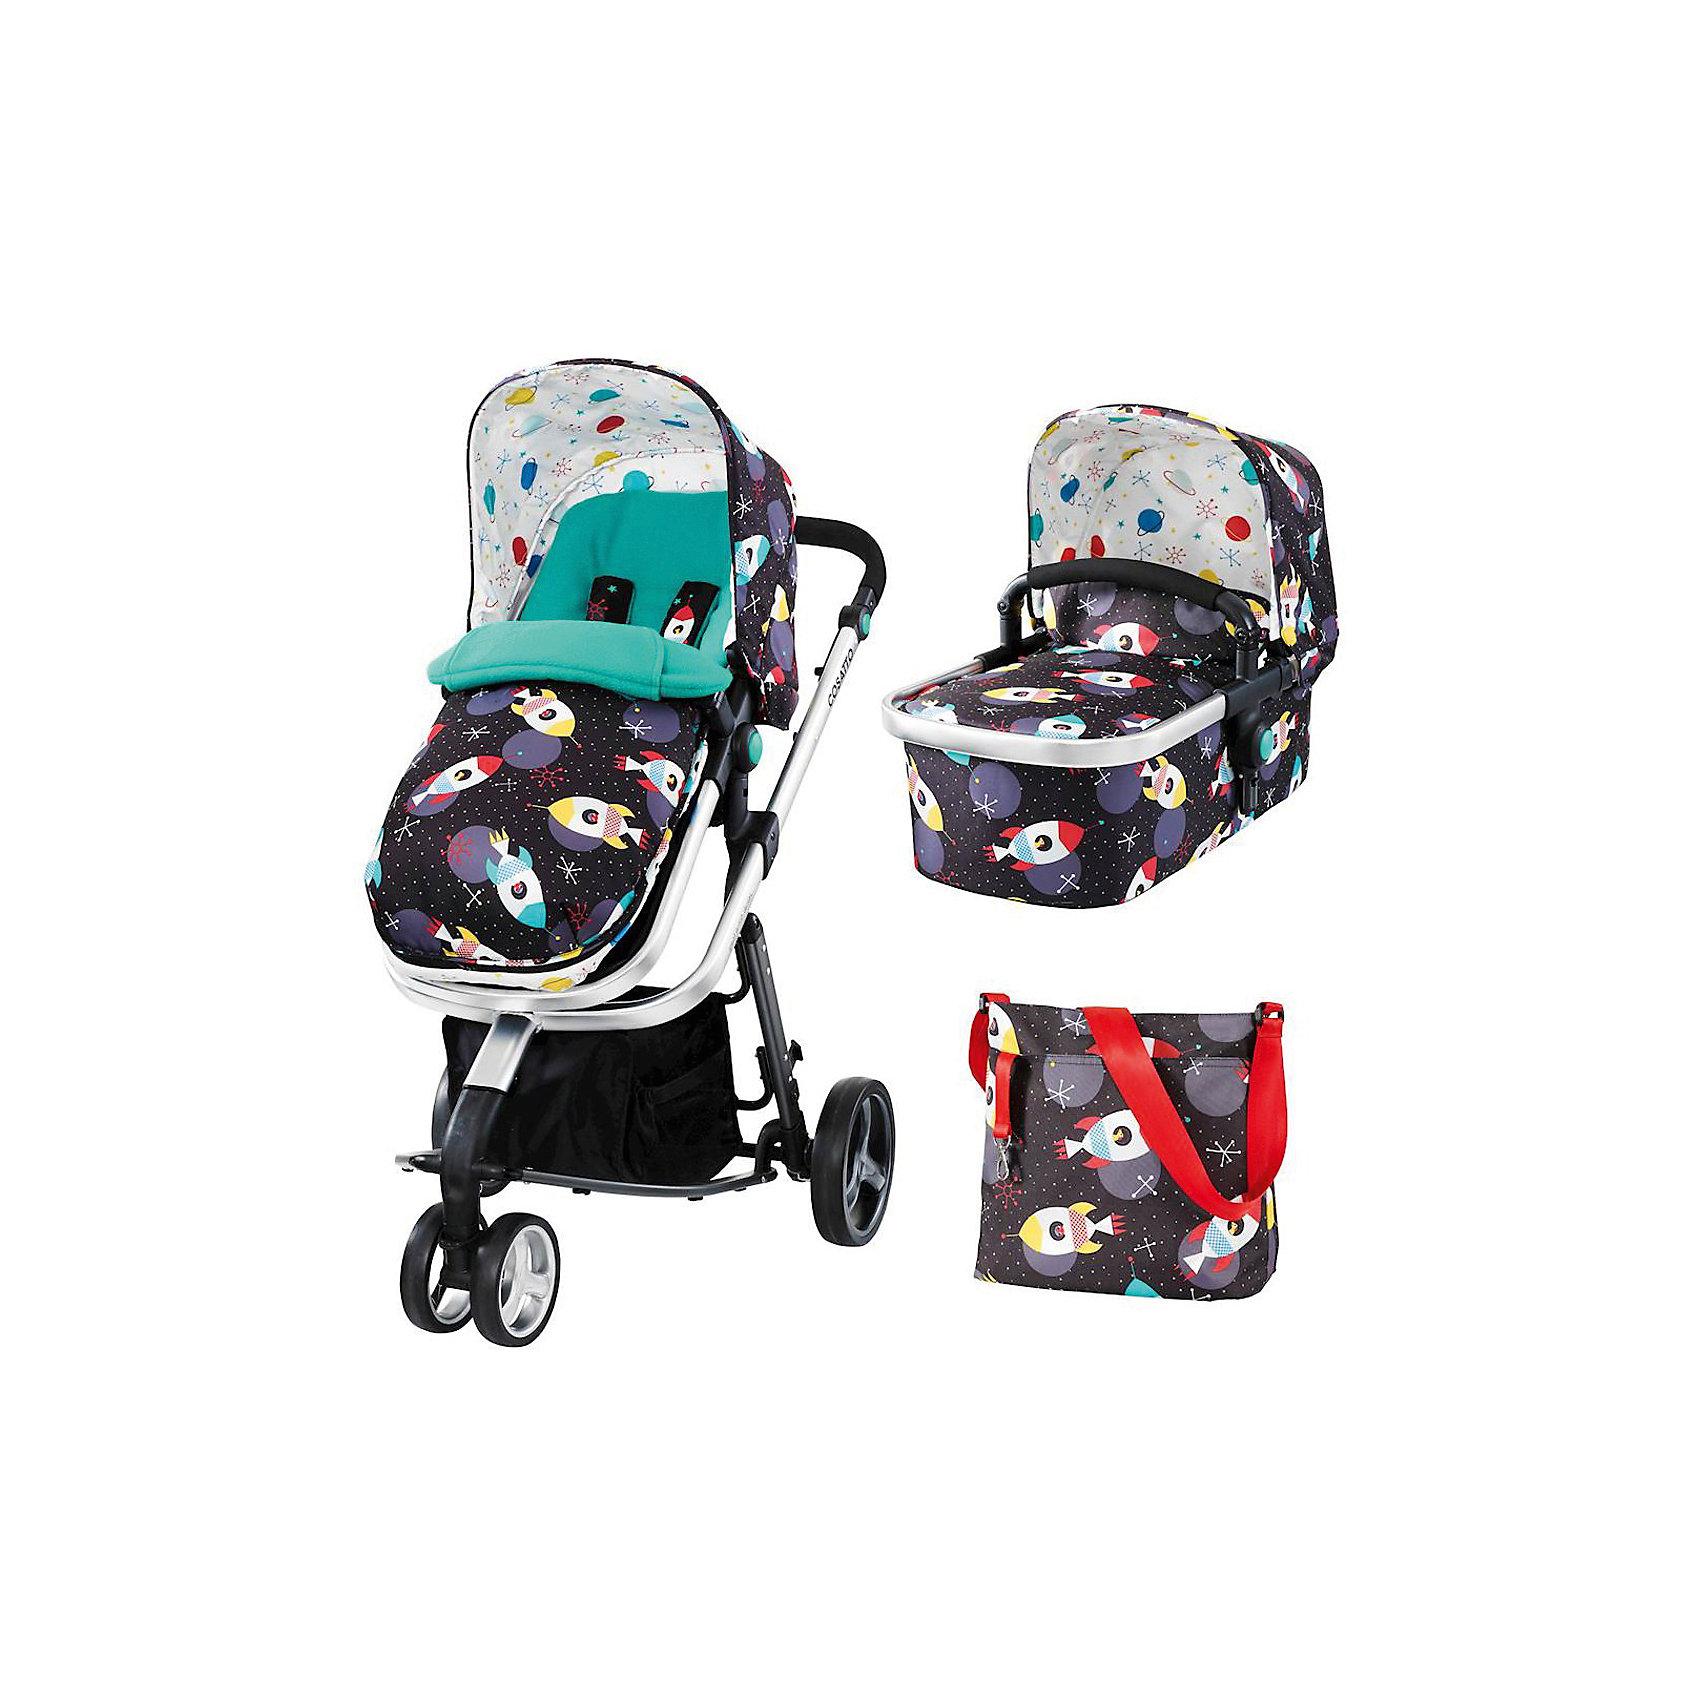 Коляска 2 в 1 Cosatto Giggle 2, Space RacerКоляски 2 в 1<br>Удобная коляска – находка для родителей. Кроме функциональности коляски и ее прямого назначения родители обращают внимание на внешний вид. Коляска из новой коллекции – уникальная модель, совмещающая в себе стильный дизайн и множество функций одновременно. Все материалы, использованные при изготовлении аксессуара, безопасны и отвечают требованиям по качеству продукции.<br><br>Дополнительные характеристики: <br><br>цвет: Space Racer;<br>возраст: 0-3 года;<br>регулировка спинки;<br>габариты: 85 х 39 см;<br>комплектация: блок для прогулок, люлька, складывающиеся шасси, защита от дождя и солнца, регулируемая ручка, сумка, чехол для ножек, матрас.<br><br>Коляску 2 в 1 Giggle 2 от компании Cosatto можно приобрести в нашем магазине.<br><br>Ширина мм: 1000<br>Глубина мм: 500<br>Высота мм: 400<br>Вес г: 20000<br>Возраст от месяцев: 0<br>Возраст до месяцев: 36<br>Пол: Унисекс<br>Возраст: Детский<br>SKU: 5025697